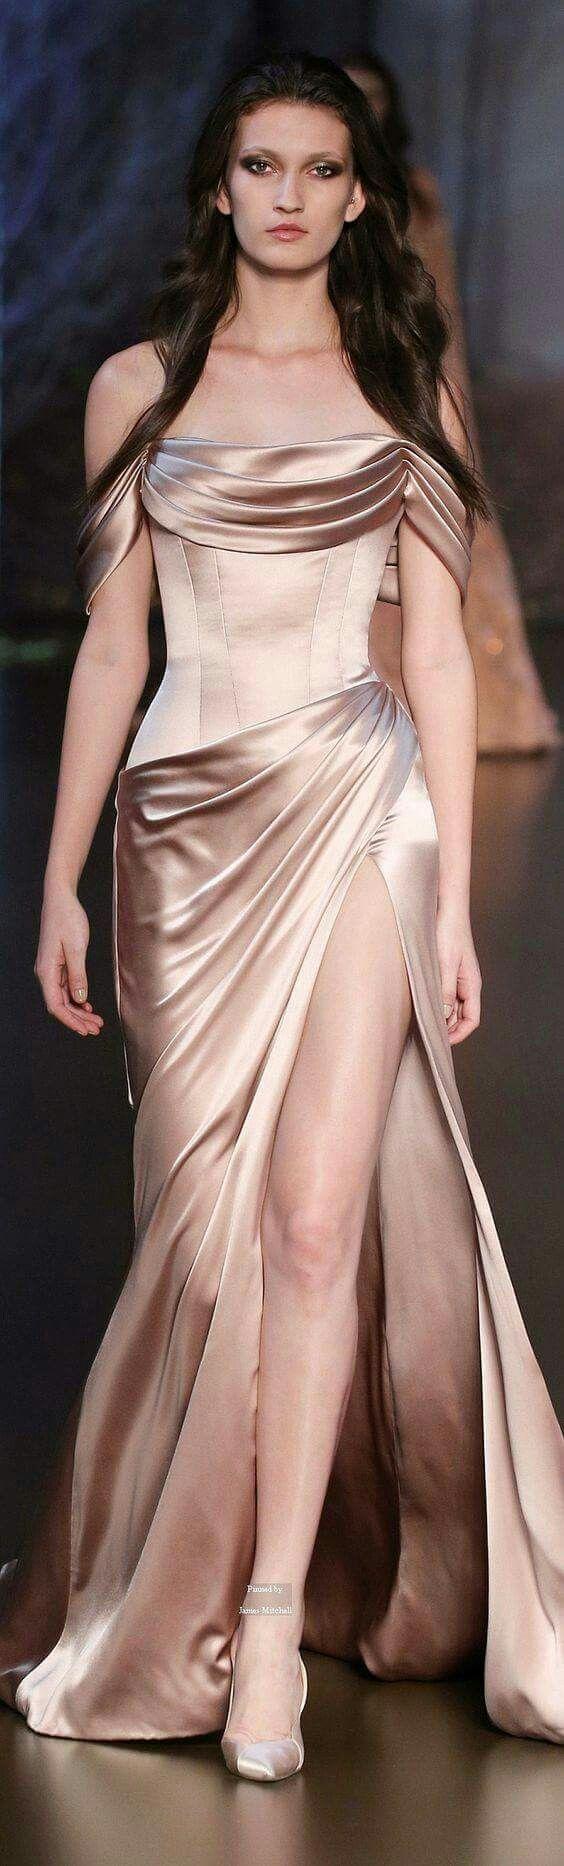 Encantador Boho Vestidos De Dama Elegante Imágenes - Ideas de ...